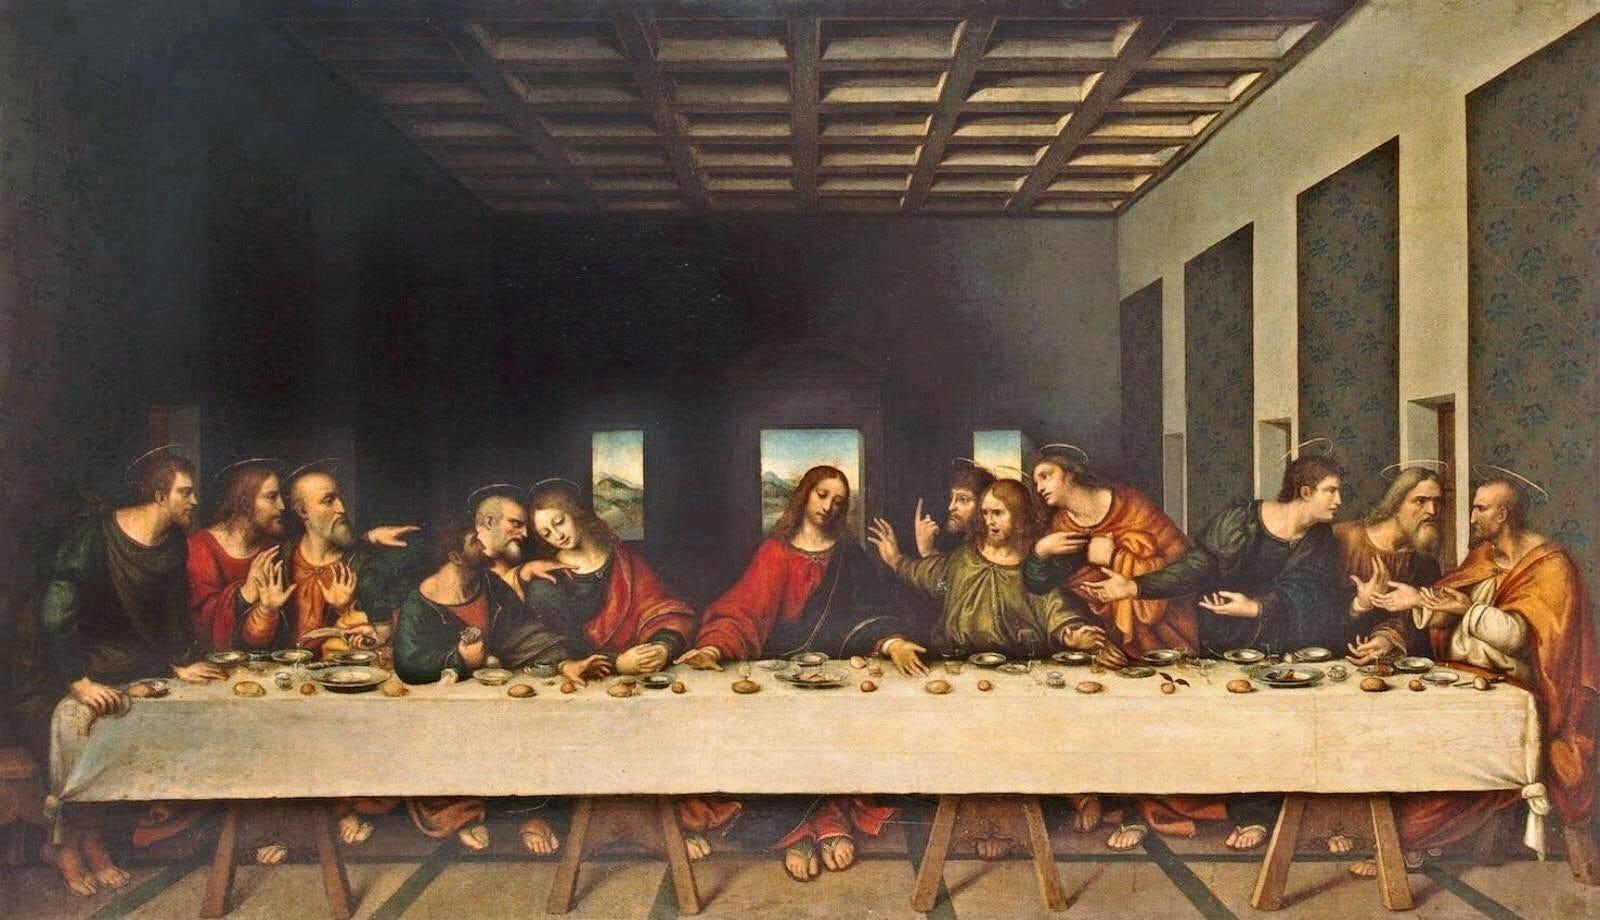 Imagen de la última cena, pintada por Leonardo Da Vinci, donde se pueden ver a los apóstoles alineados con Jesús en el centro. El espectador se encuentra enfrente, viendo la escena, sin ningún obstáculo que pueda interrumpir la vista del conjunto.